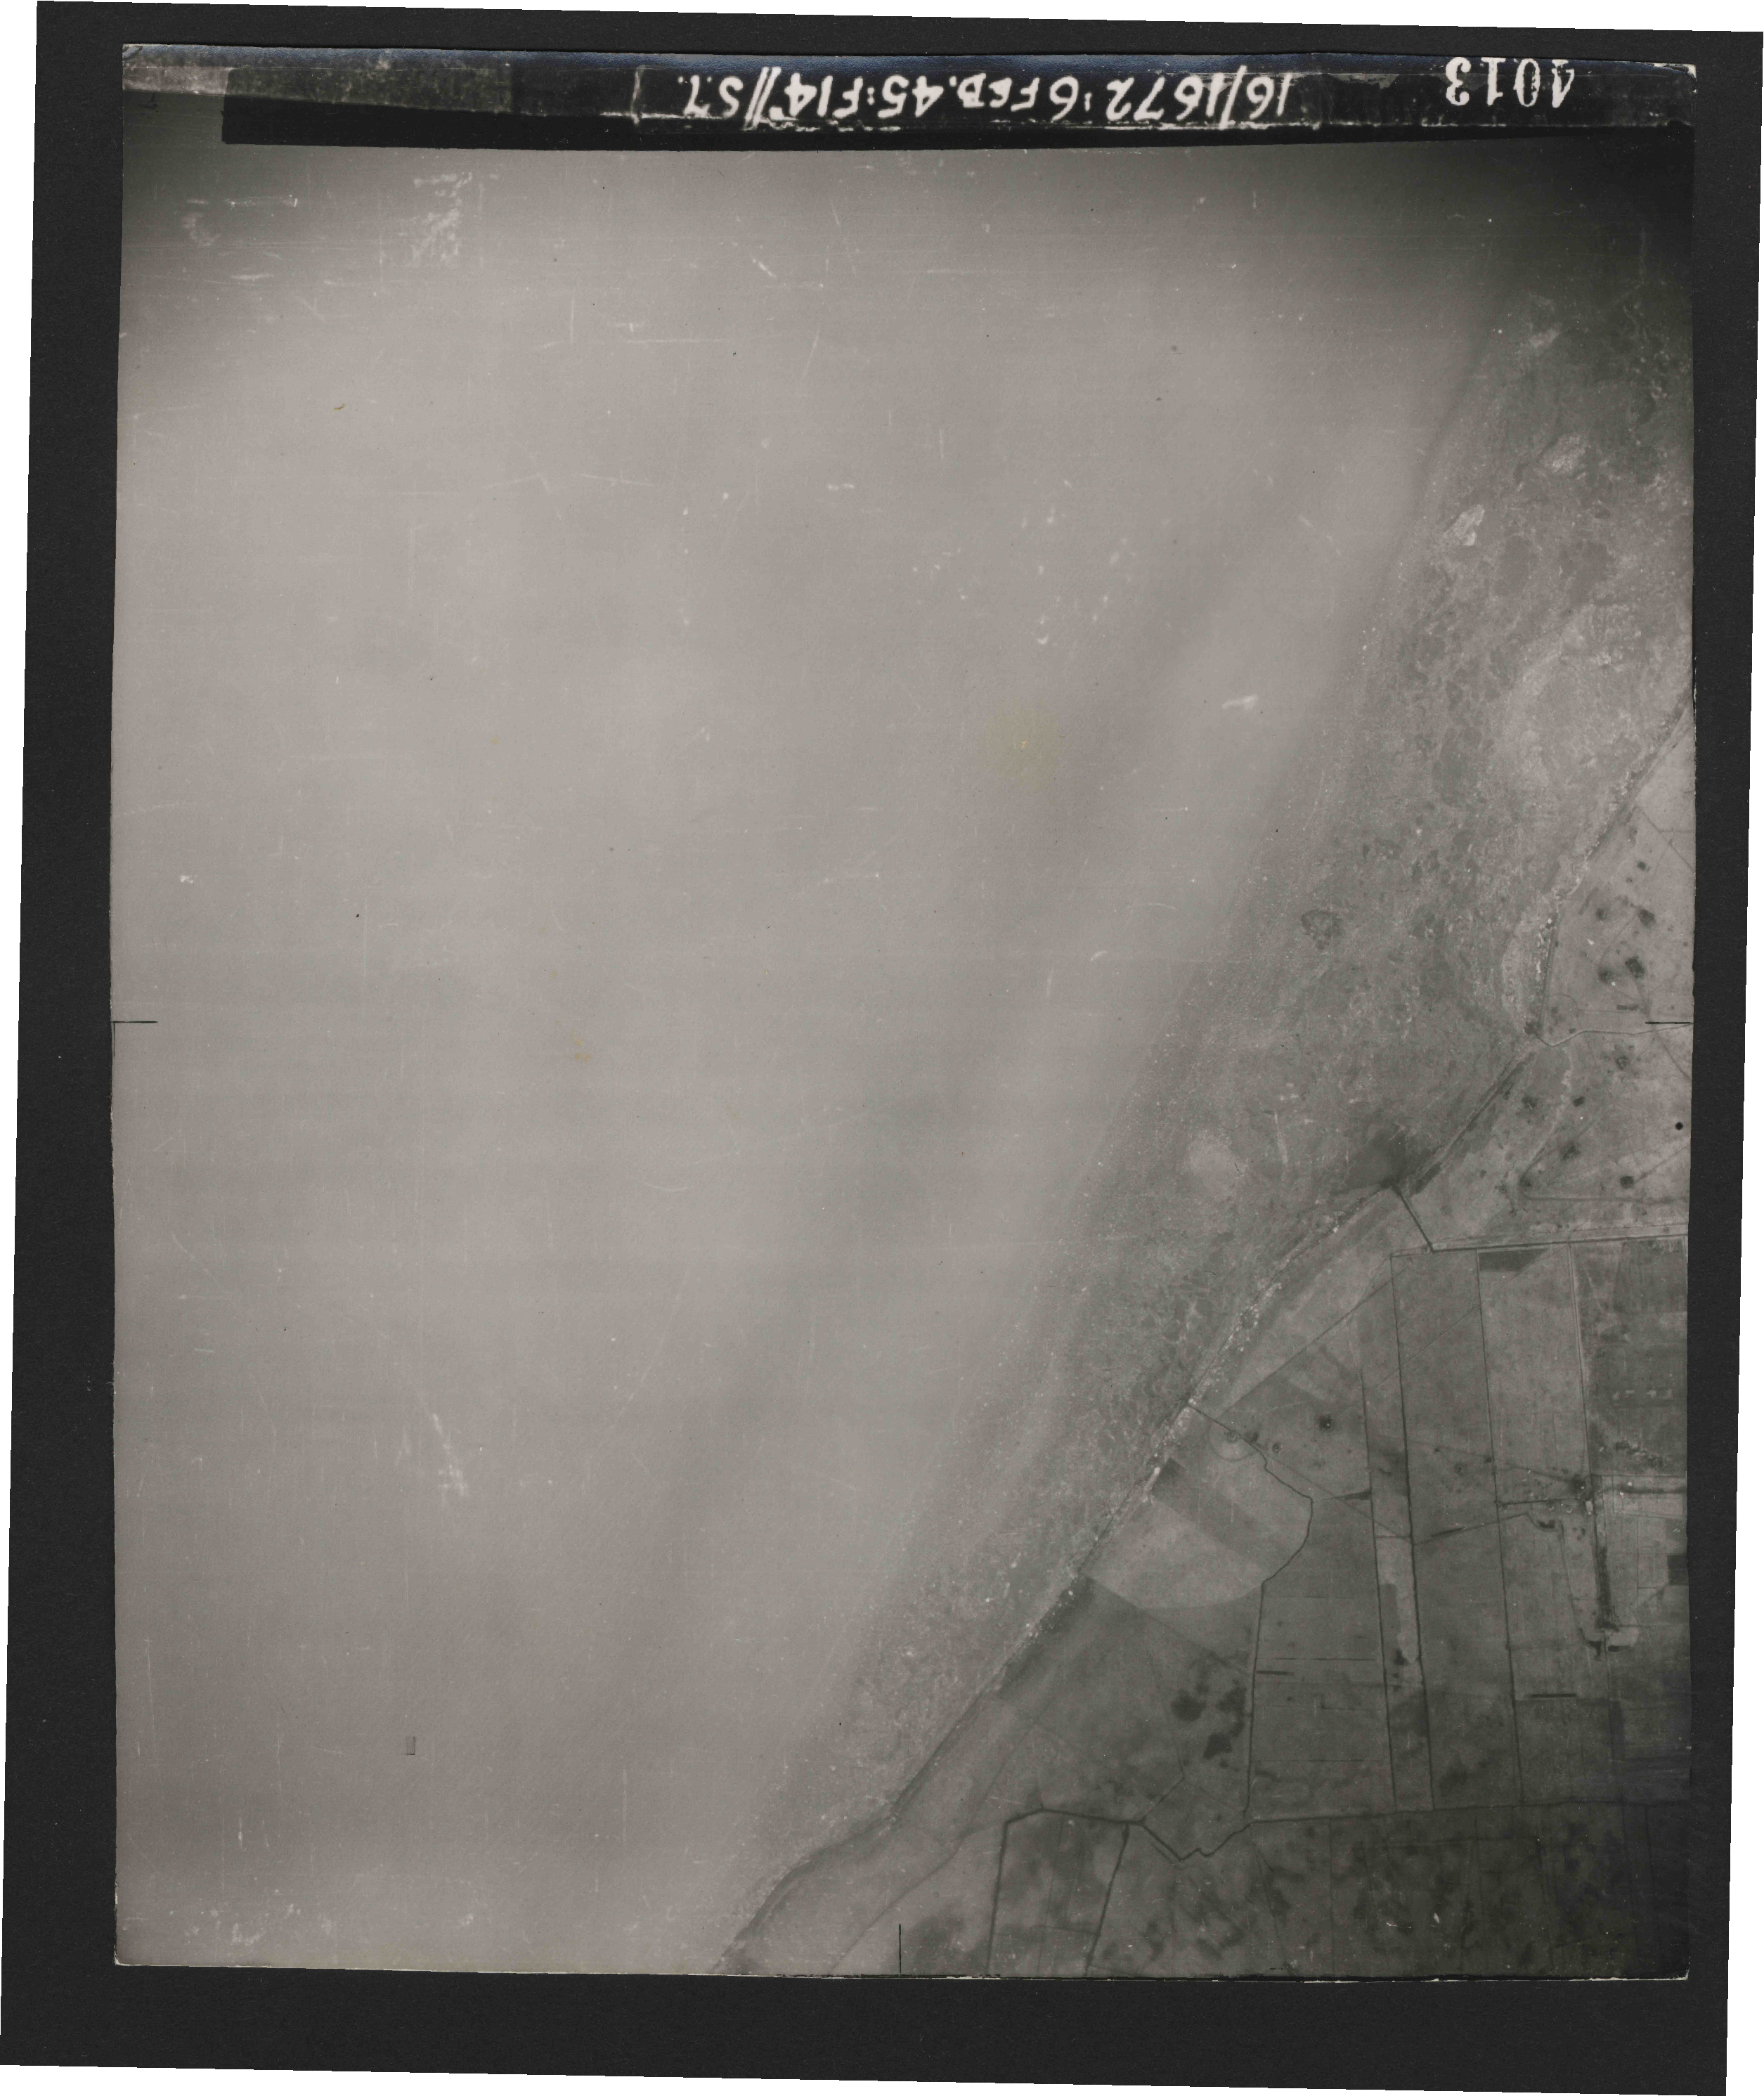 Collection RAF aerial photos 1940-1945 - flight 158, run 03, photo 4013